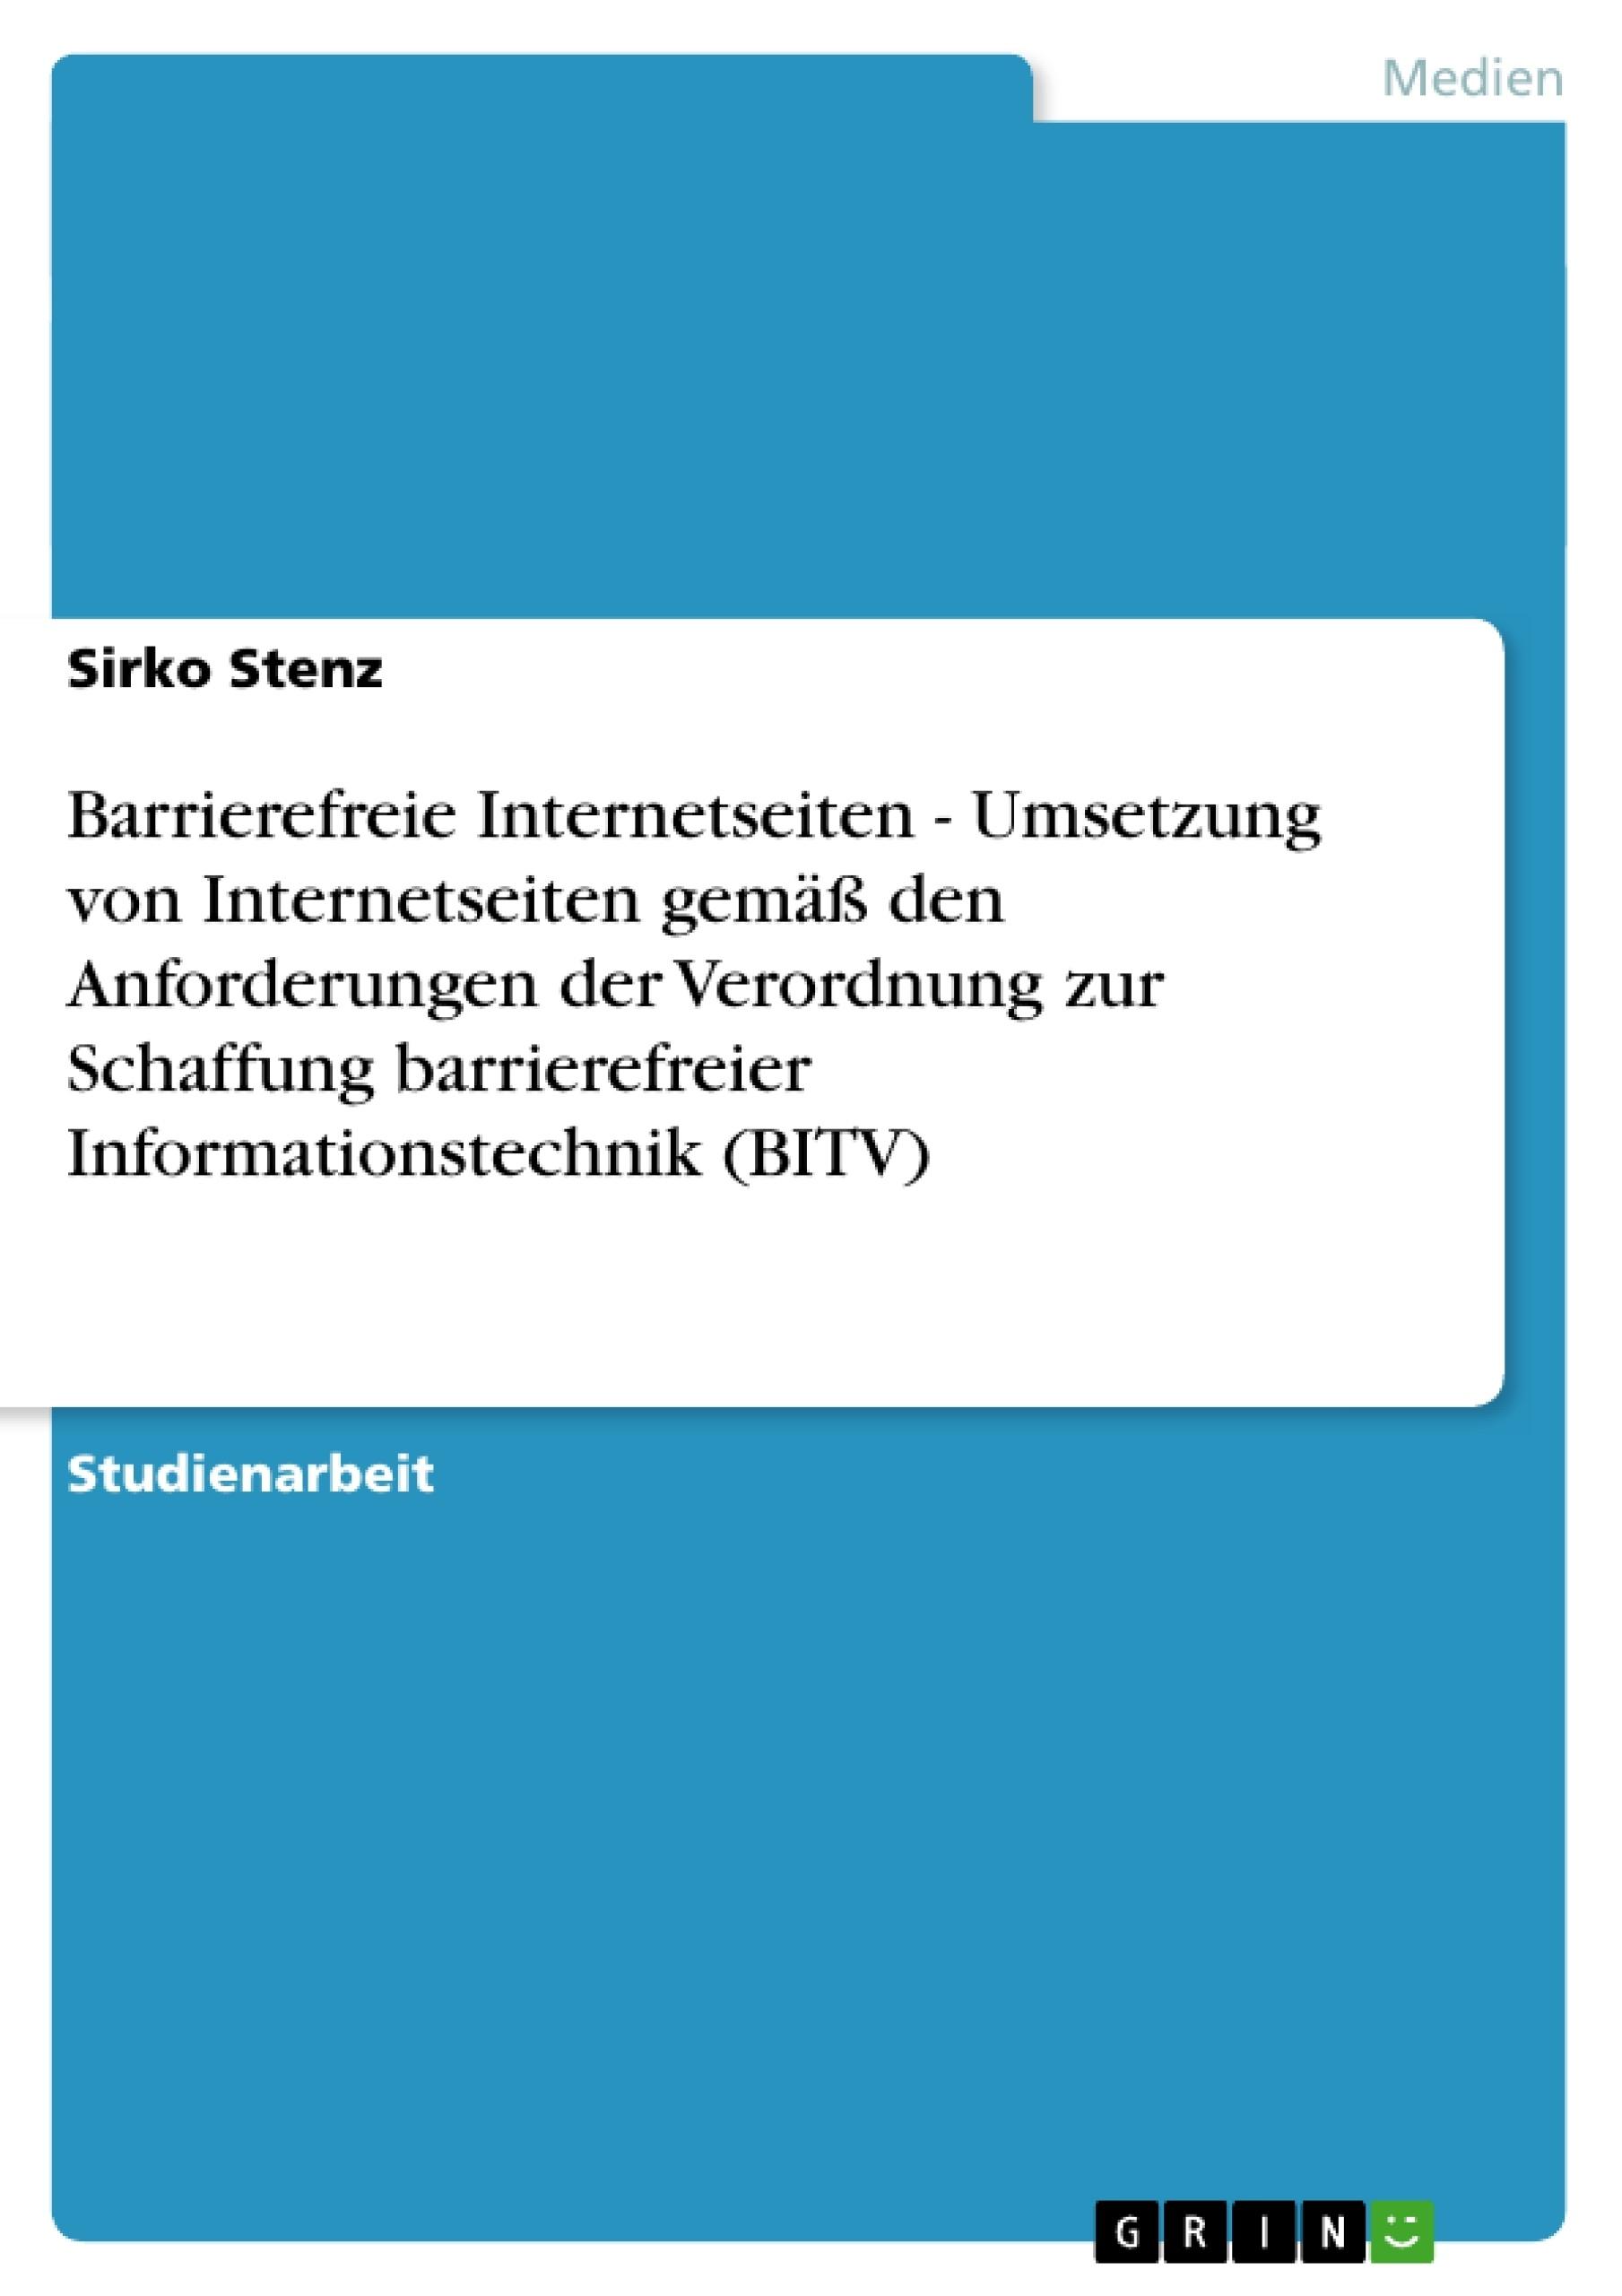 Titel: Barrierefreie Internetseiten - Umsetzung von Internetseiten gemäß den Anforderungen der Verordnung zur Schaffung barrierefreier Informationstechnik (BITV)